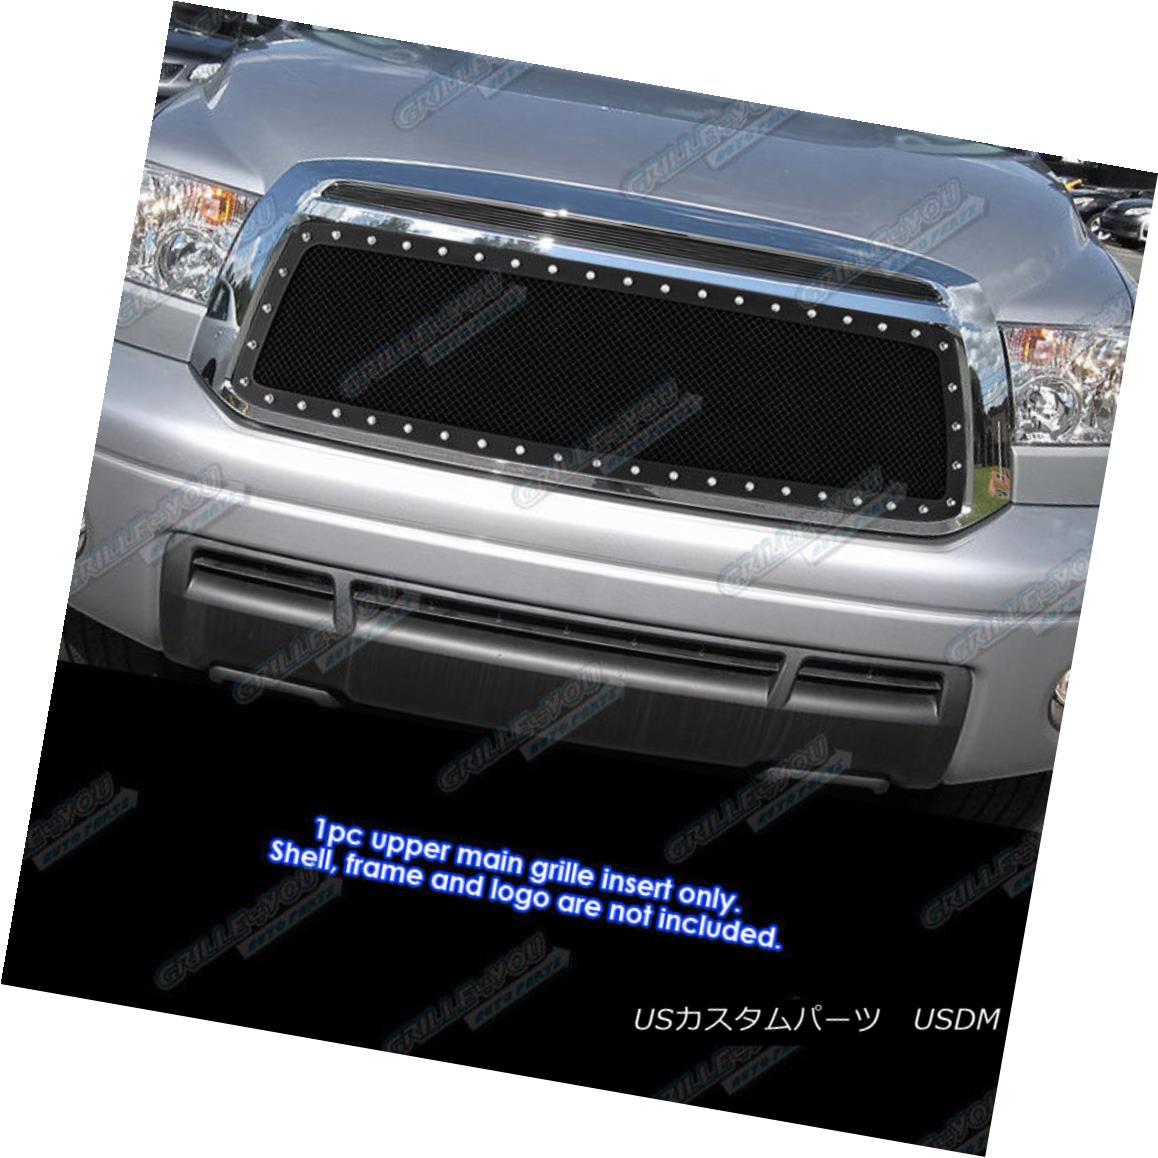 グリル Fits 2010-2013 Toyota Tundra Stainless Black Mesh Grille Grill Insert フィット2010-2013トヨタトンドラステンレスブラックメッシュグリルグリルインサート